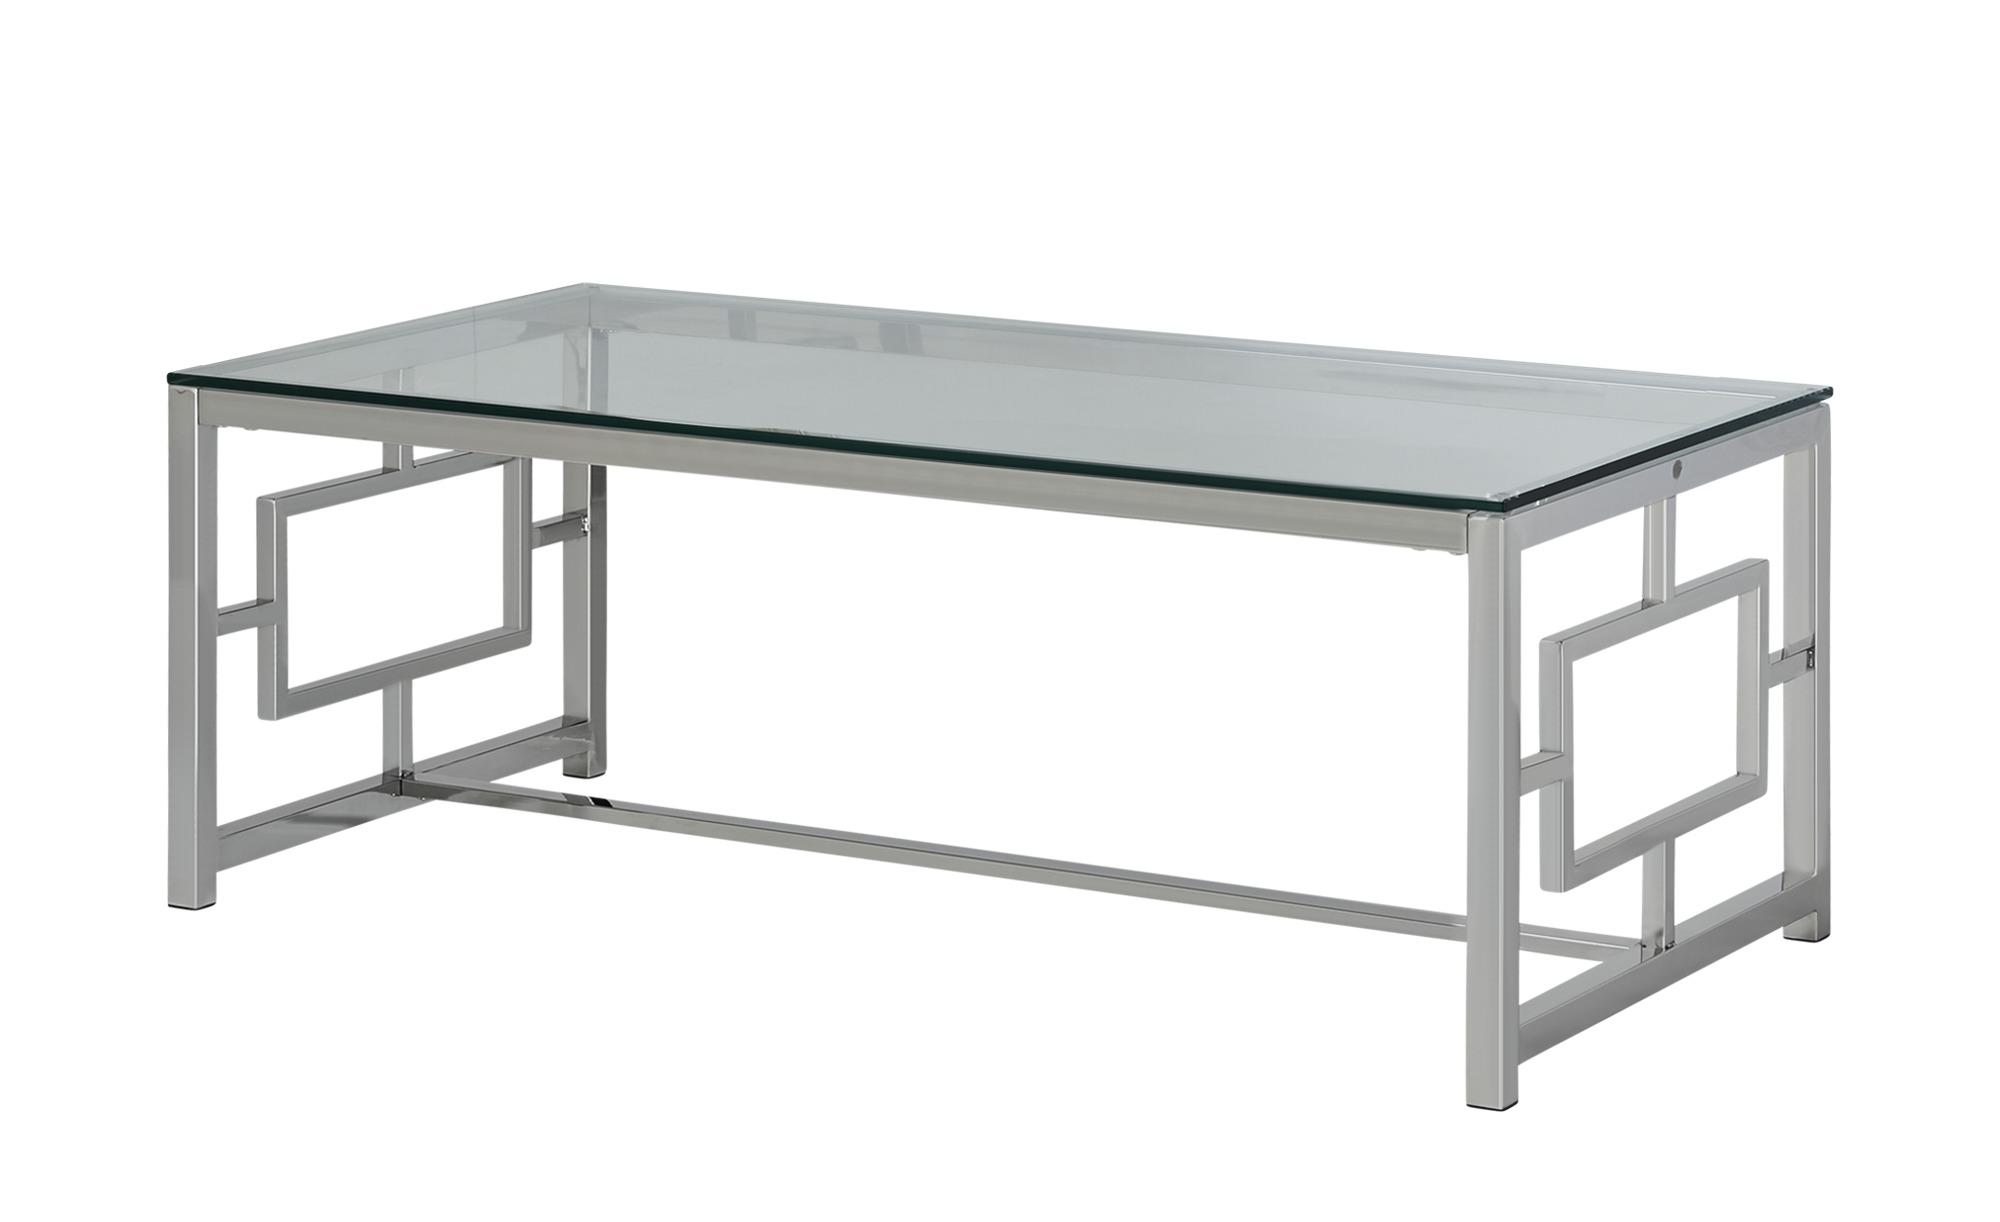 Couchtisch  Robin ¦ Maße (cm): B: 60 H: 45 T: 60 Tische > Couchtische > Couchtische rechteckig - Höffner